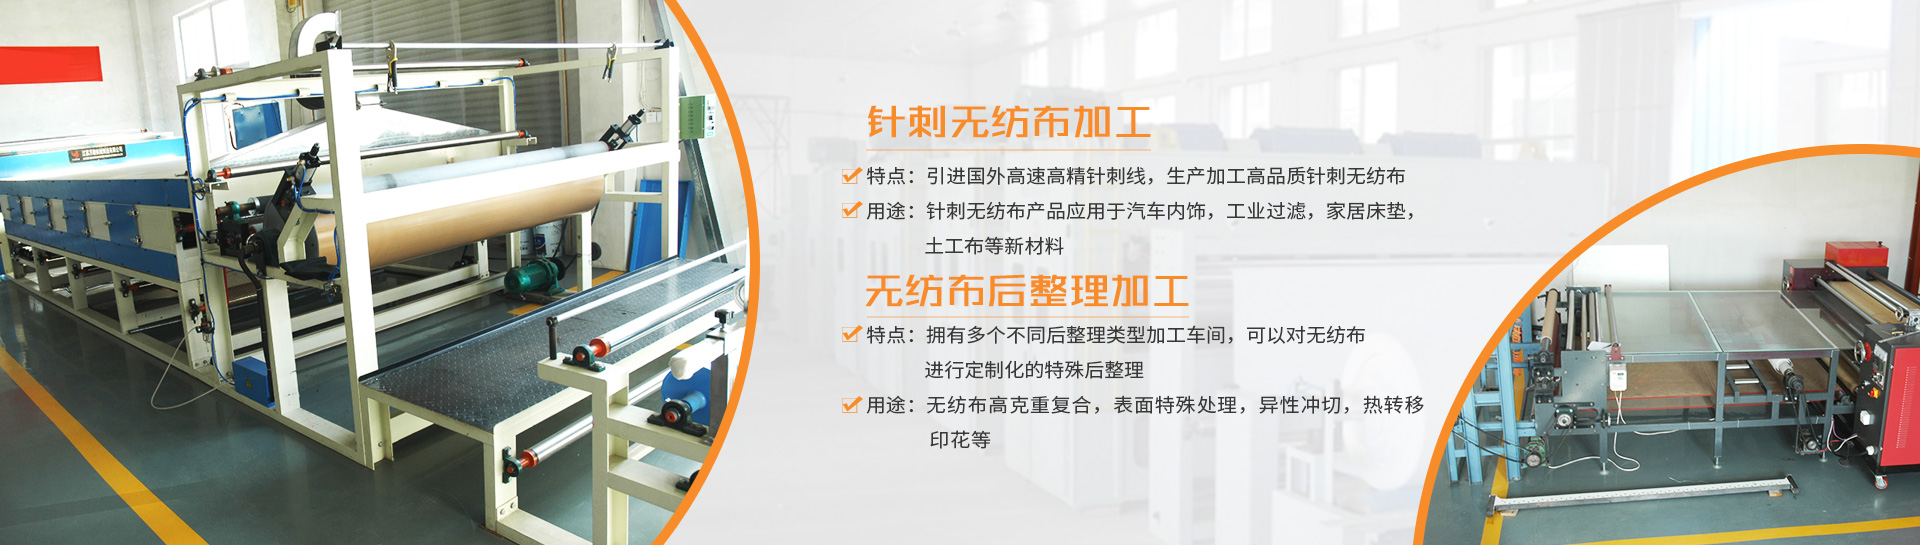 上海缔荣纺织品有限公司